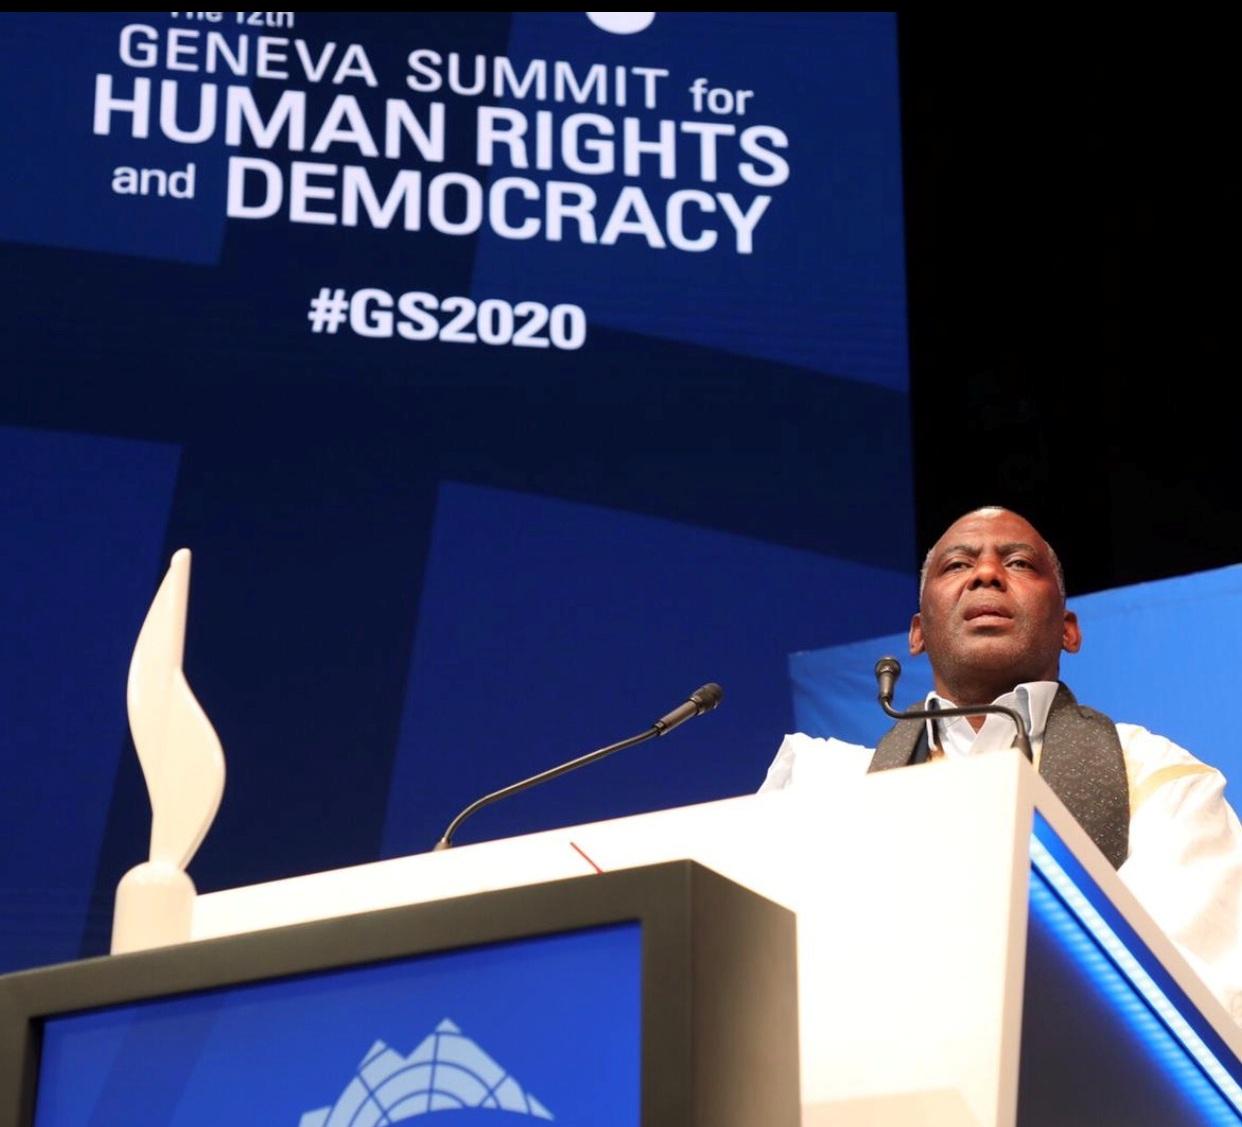 Sommet de Genève pour la démocratie et les droits de l'Homme: Allocution du lauréat de la cession 2020, Biram Dah Abeid, « Prix du Courage »